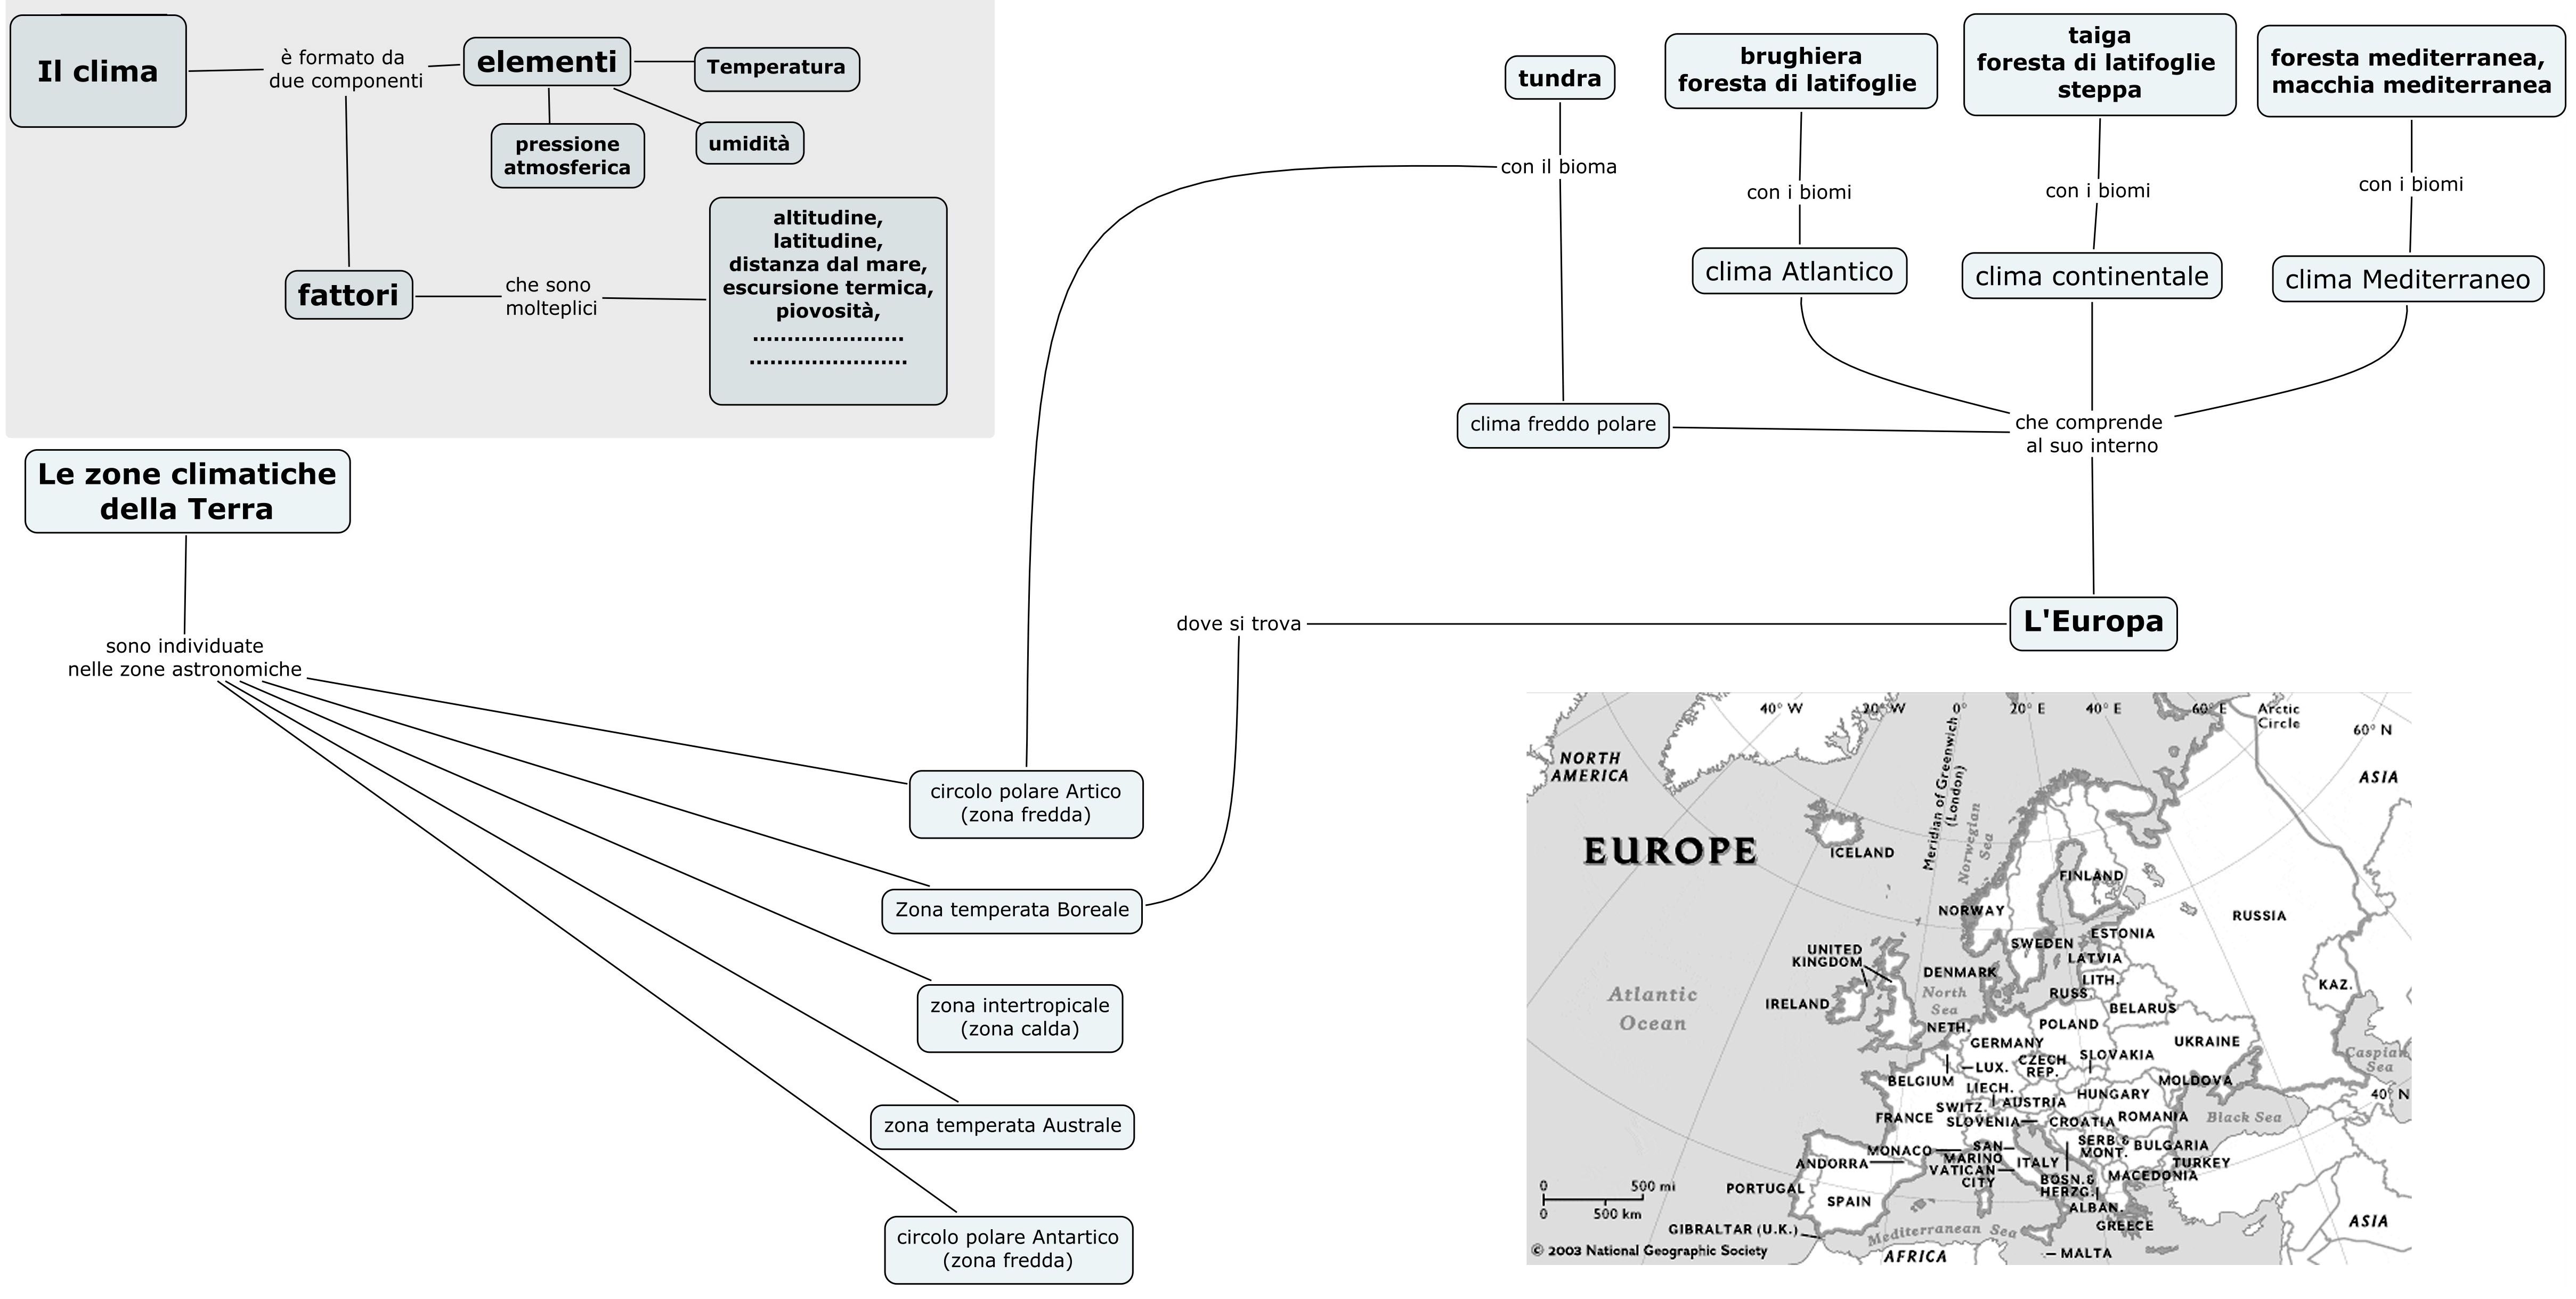 Cartina Muta Europa Centrale.Maldestro Veloce Esso Carta Muta D Europa Fasce Climatiche Arrabbiato Combattere India